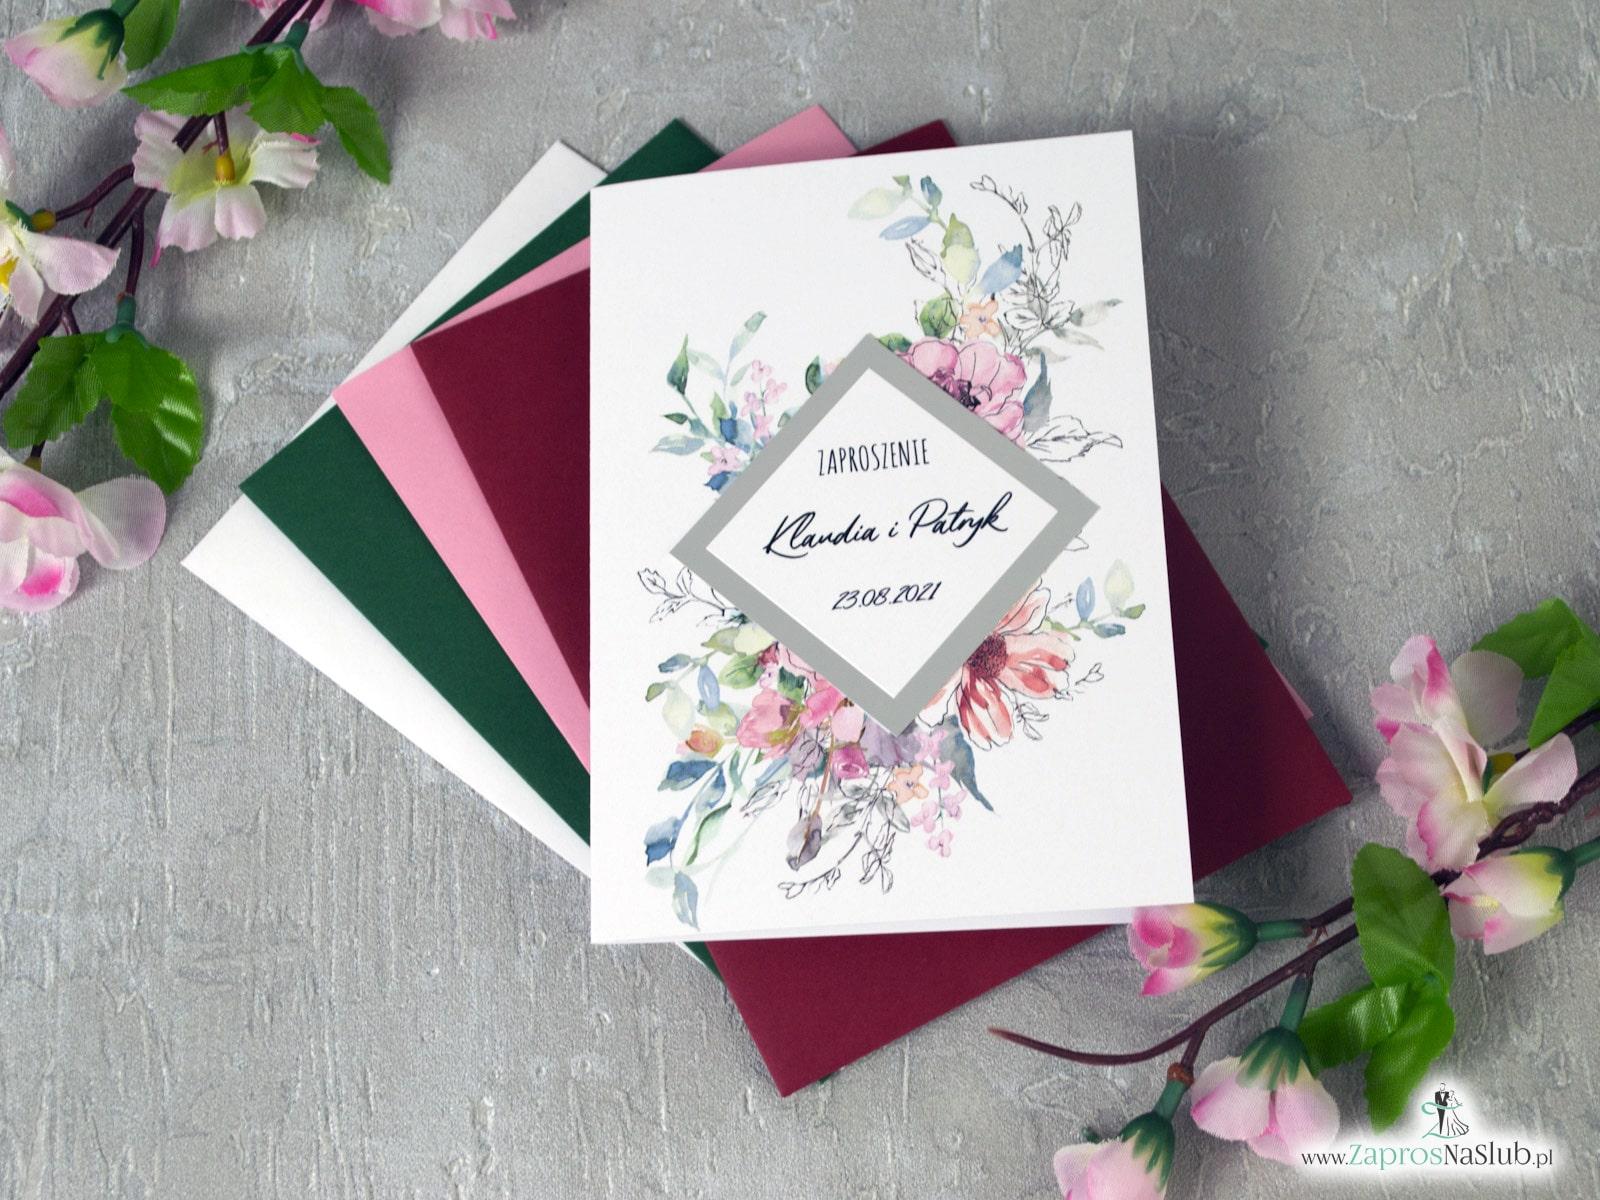 Zaproszenie ślubne bez wstążki z różowymi kwiatami i konturami. Srebrny romb. ZAP-129 ZaprosNaSlub